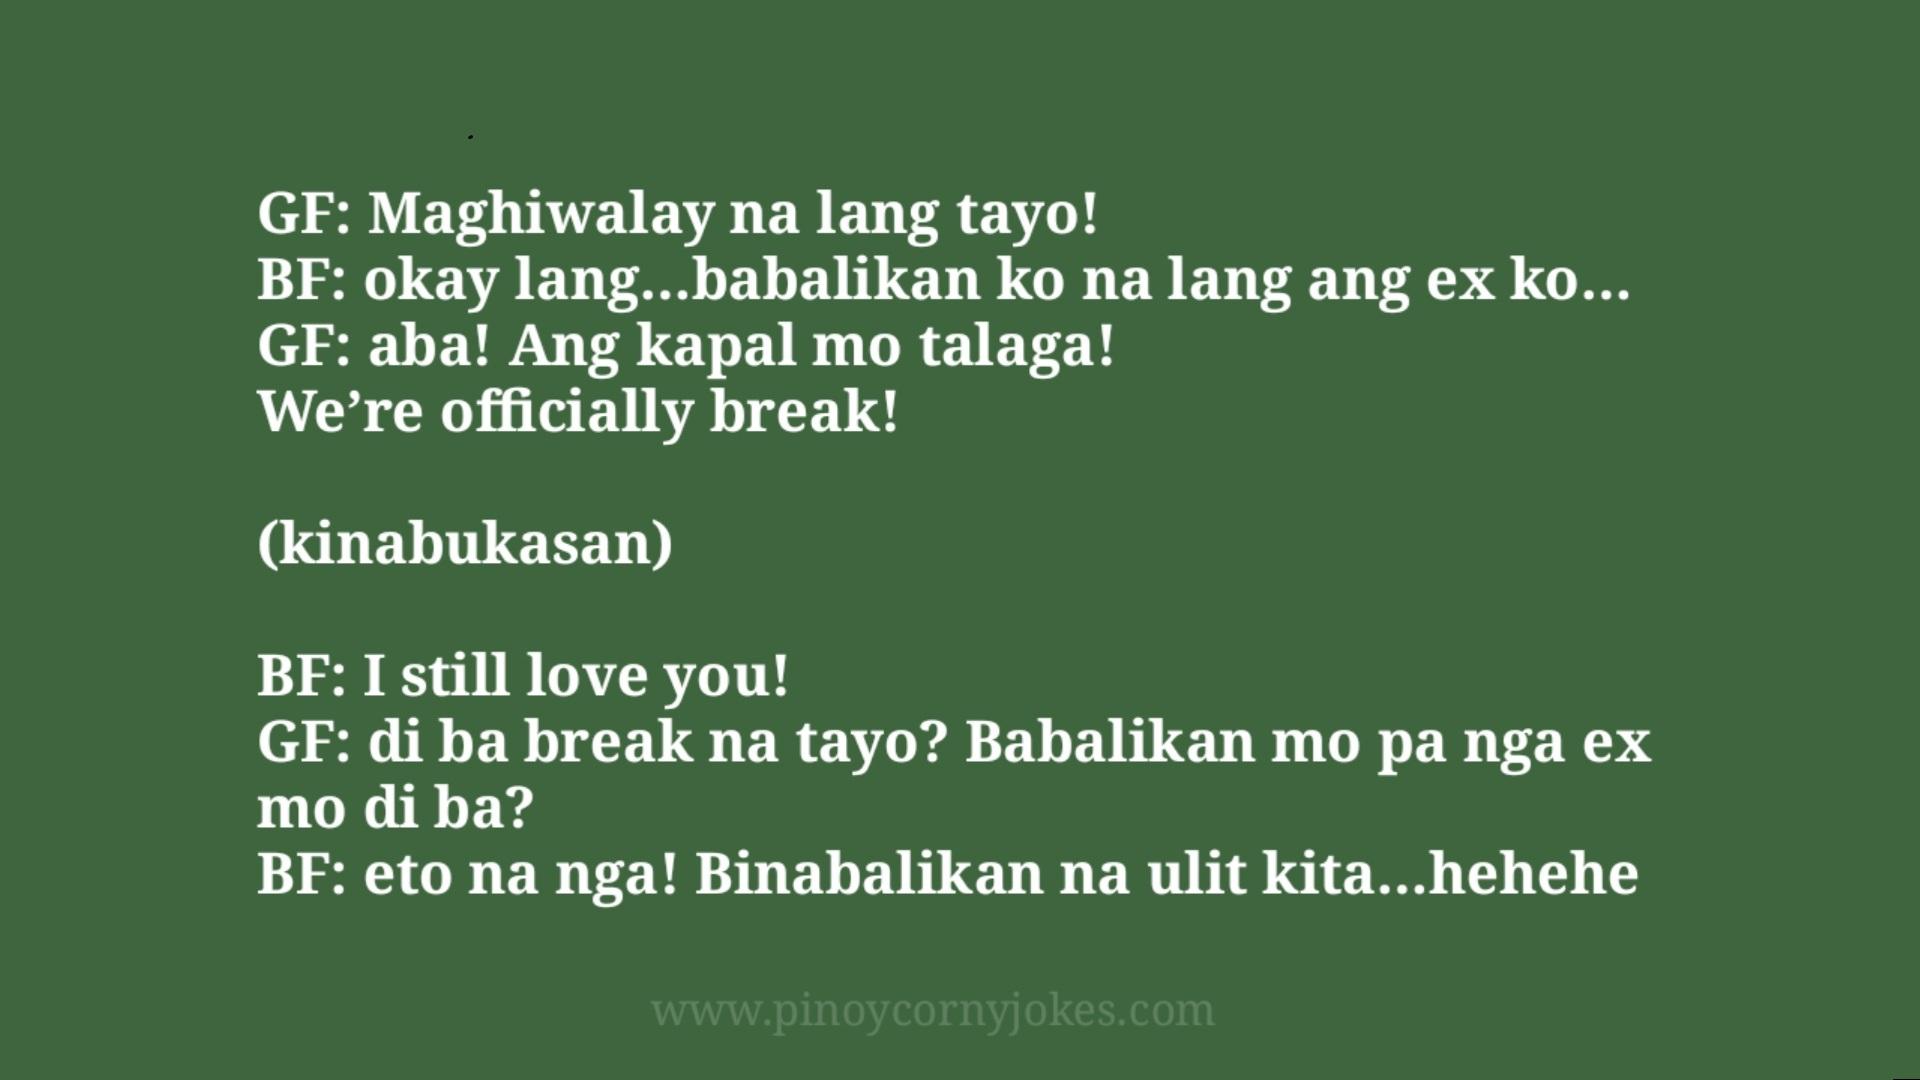 maghiwalay nalang pinoy corny jokes mag syota